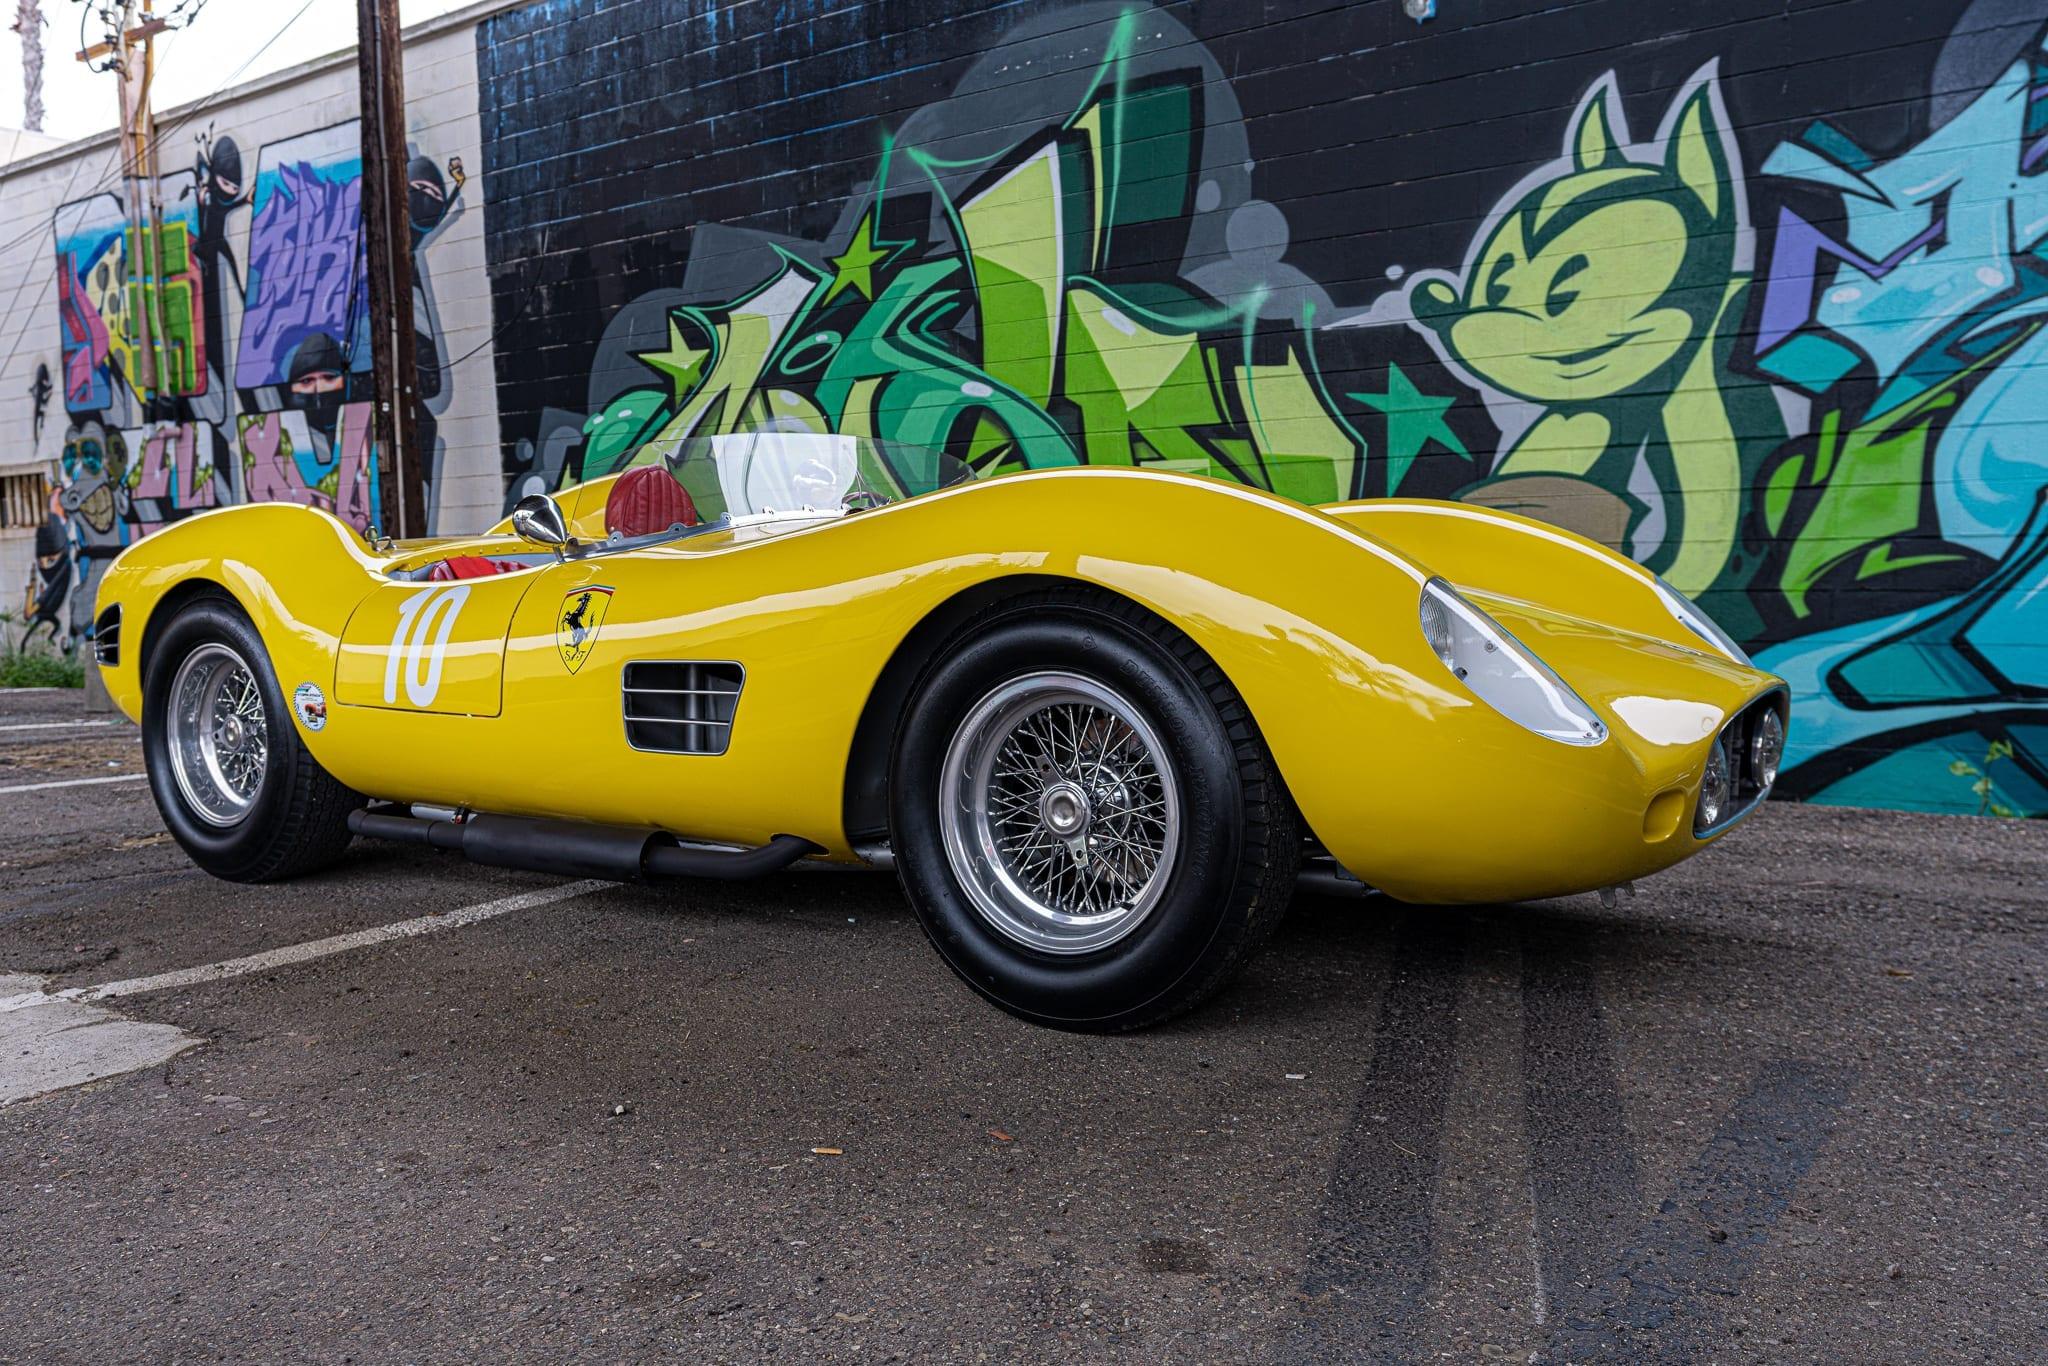 1959 Ferrari 196 SP Replica #2527